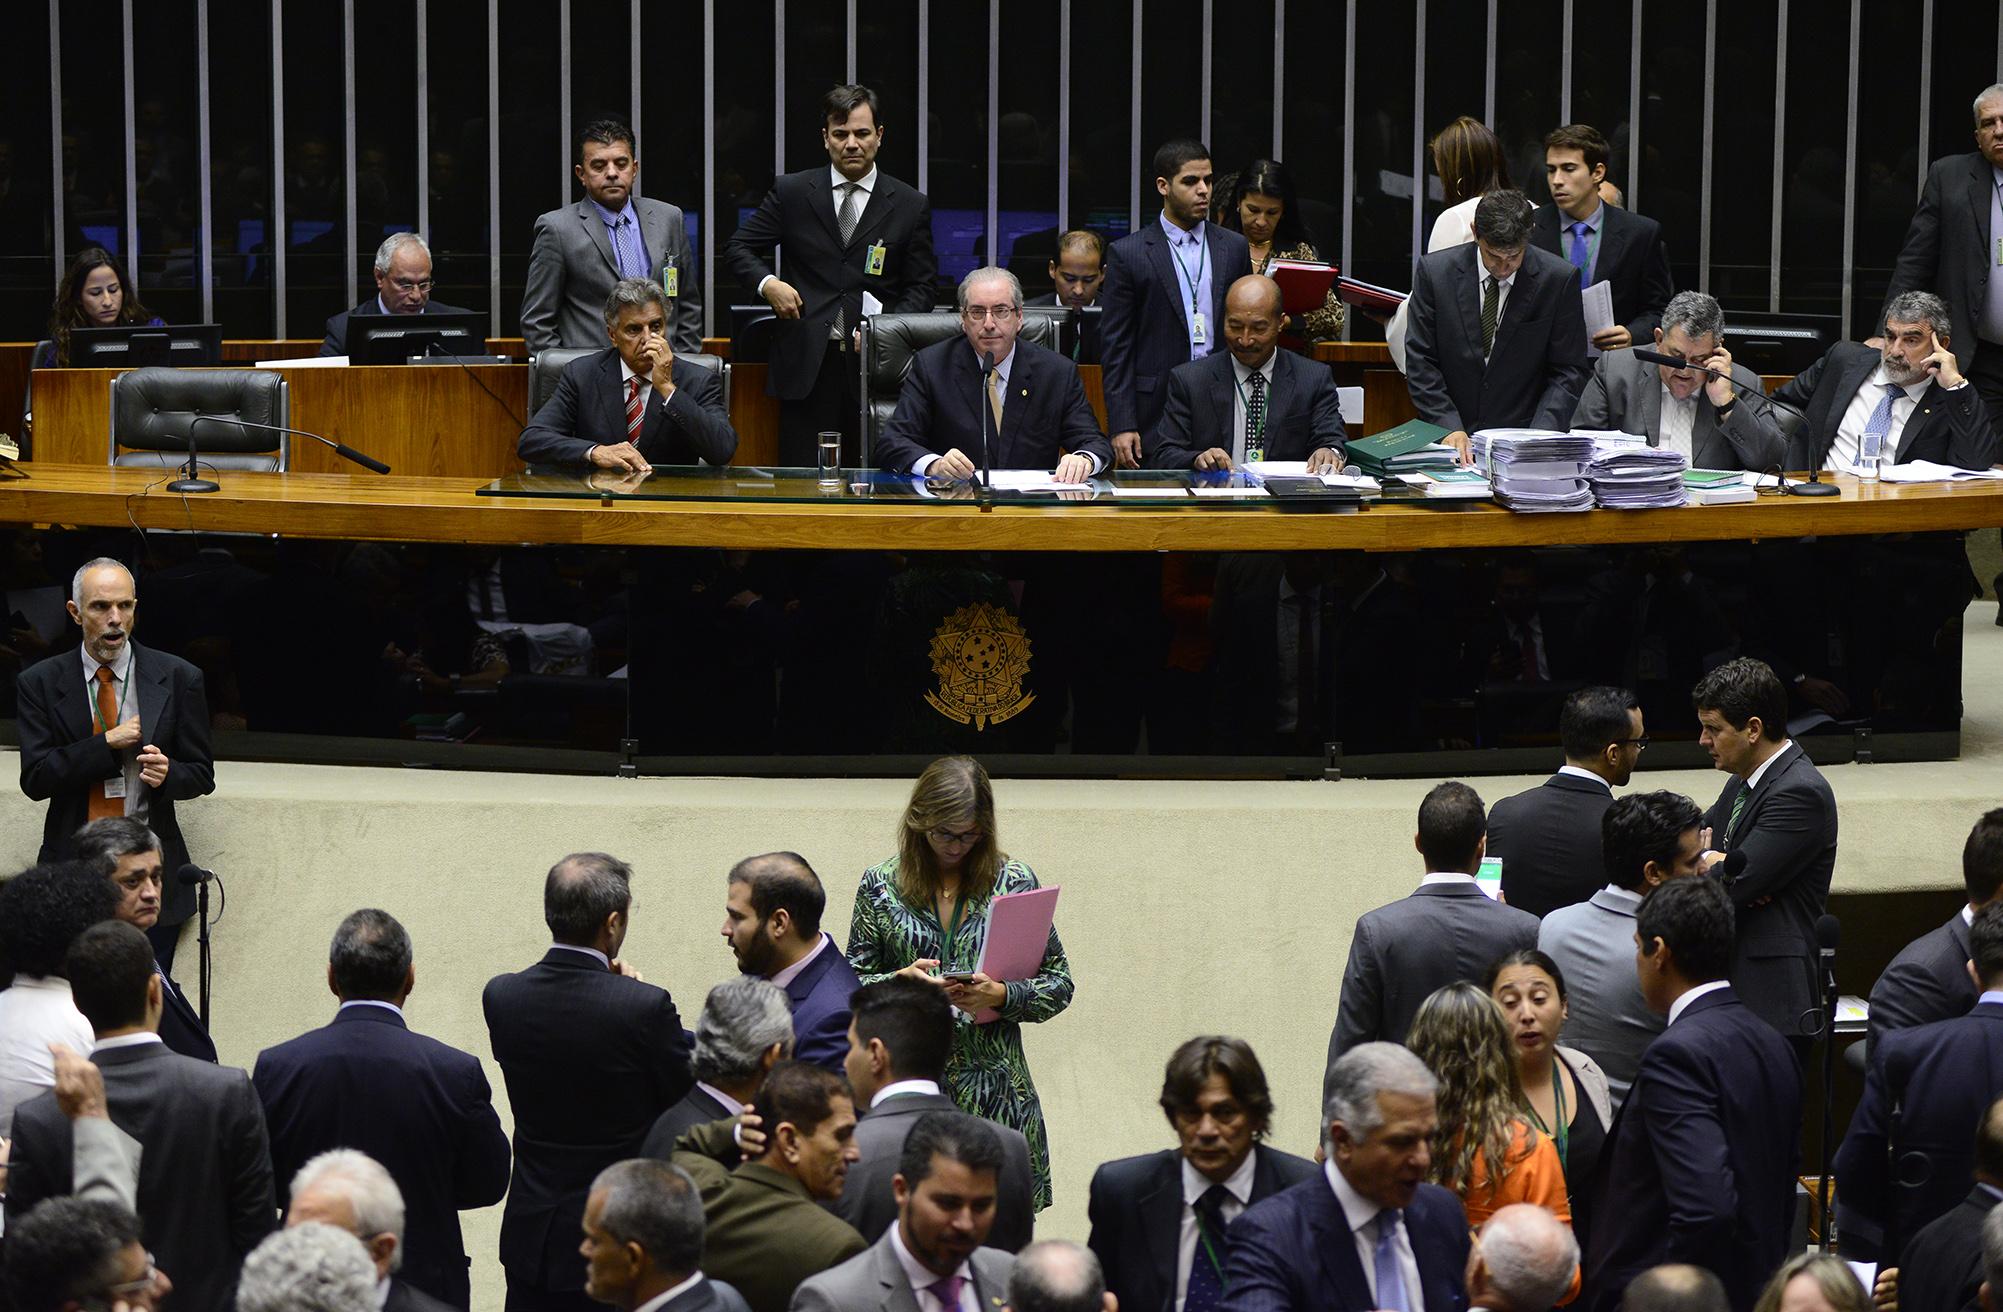 Primeira sessão extraordinária de votações de 2016 - Medida Provisória 692/15, que aumenta o imposto sobre ganho de capital devido por pessoas físicas sobre grandes valores